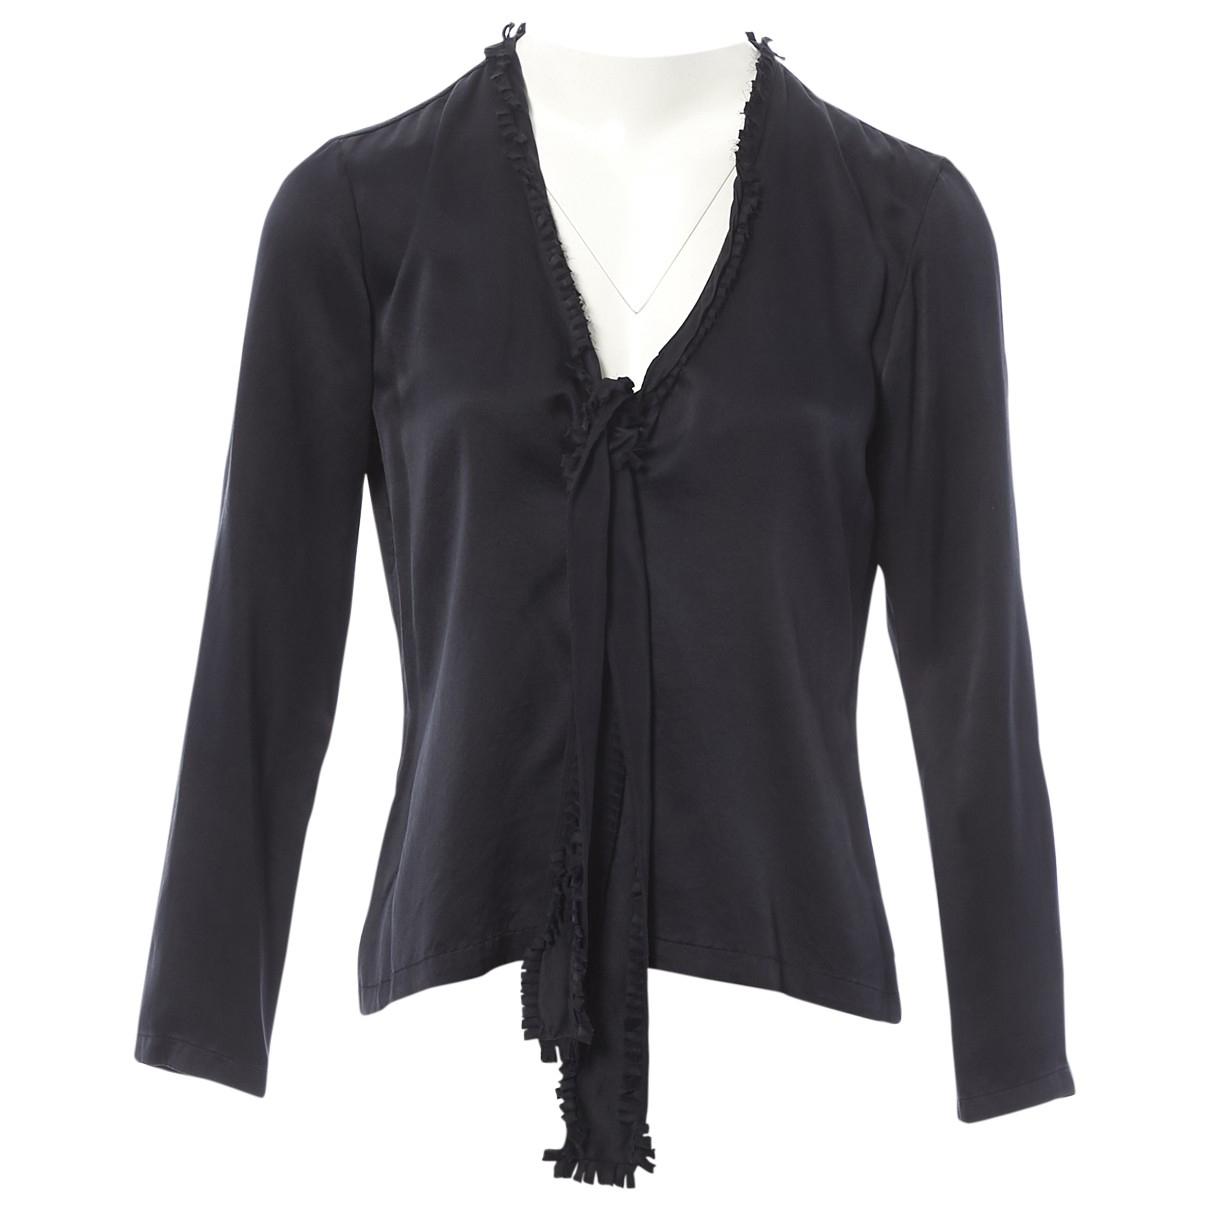 Yves Saint Laurent - Top   pour femme en soie - noir